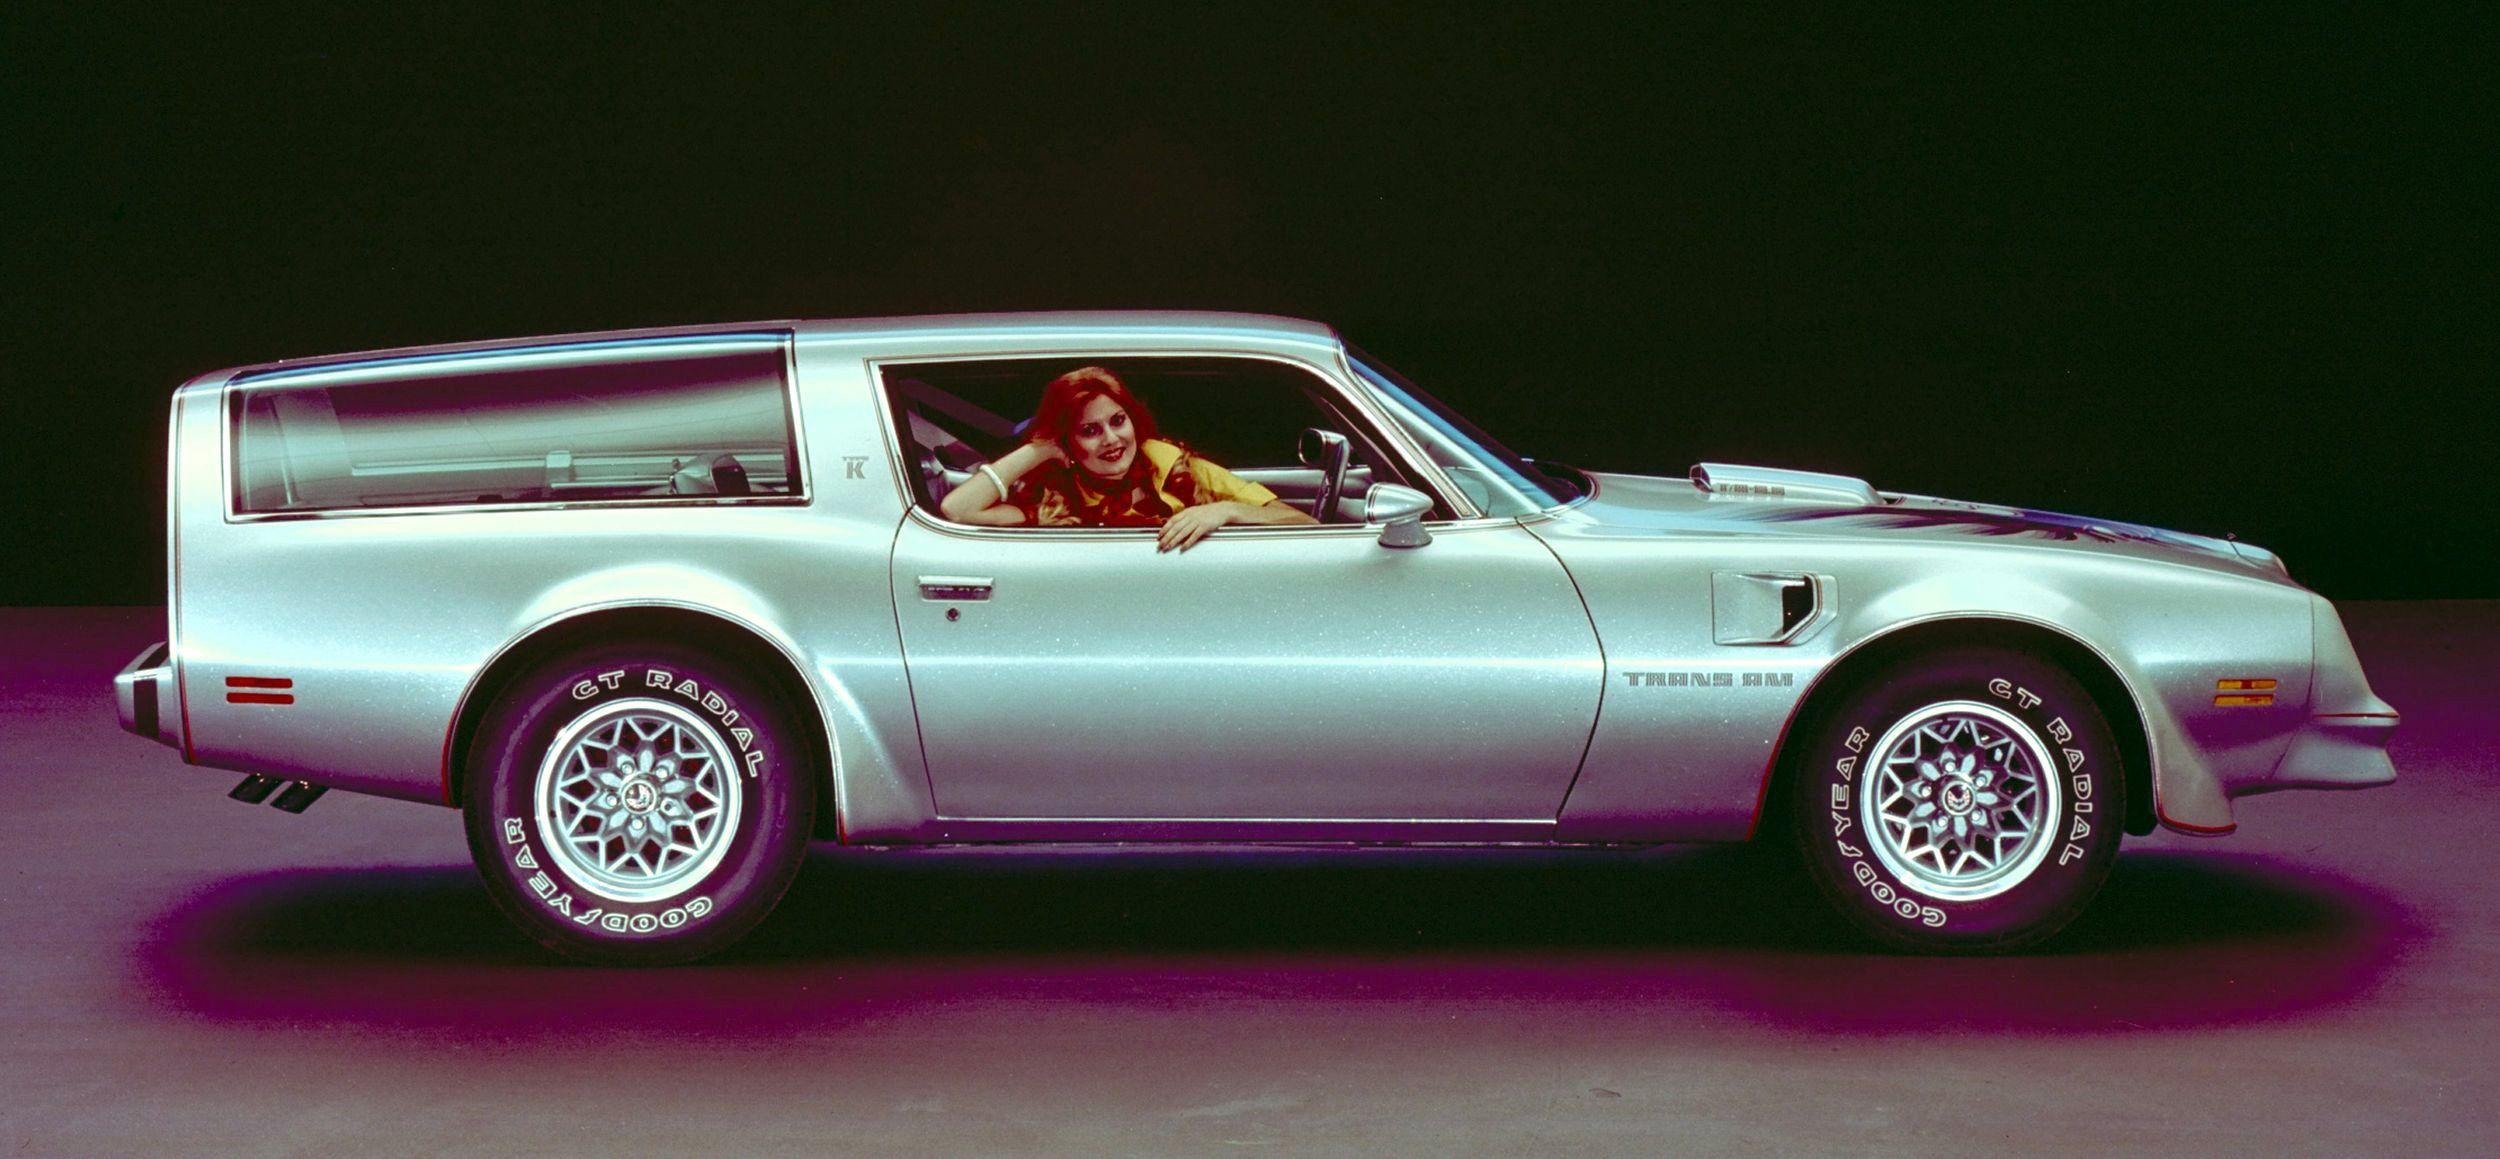 Pontiac Firebird Trans Am Type K Concept   Concept Cars   Pinterest ...